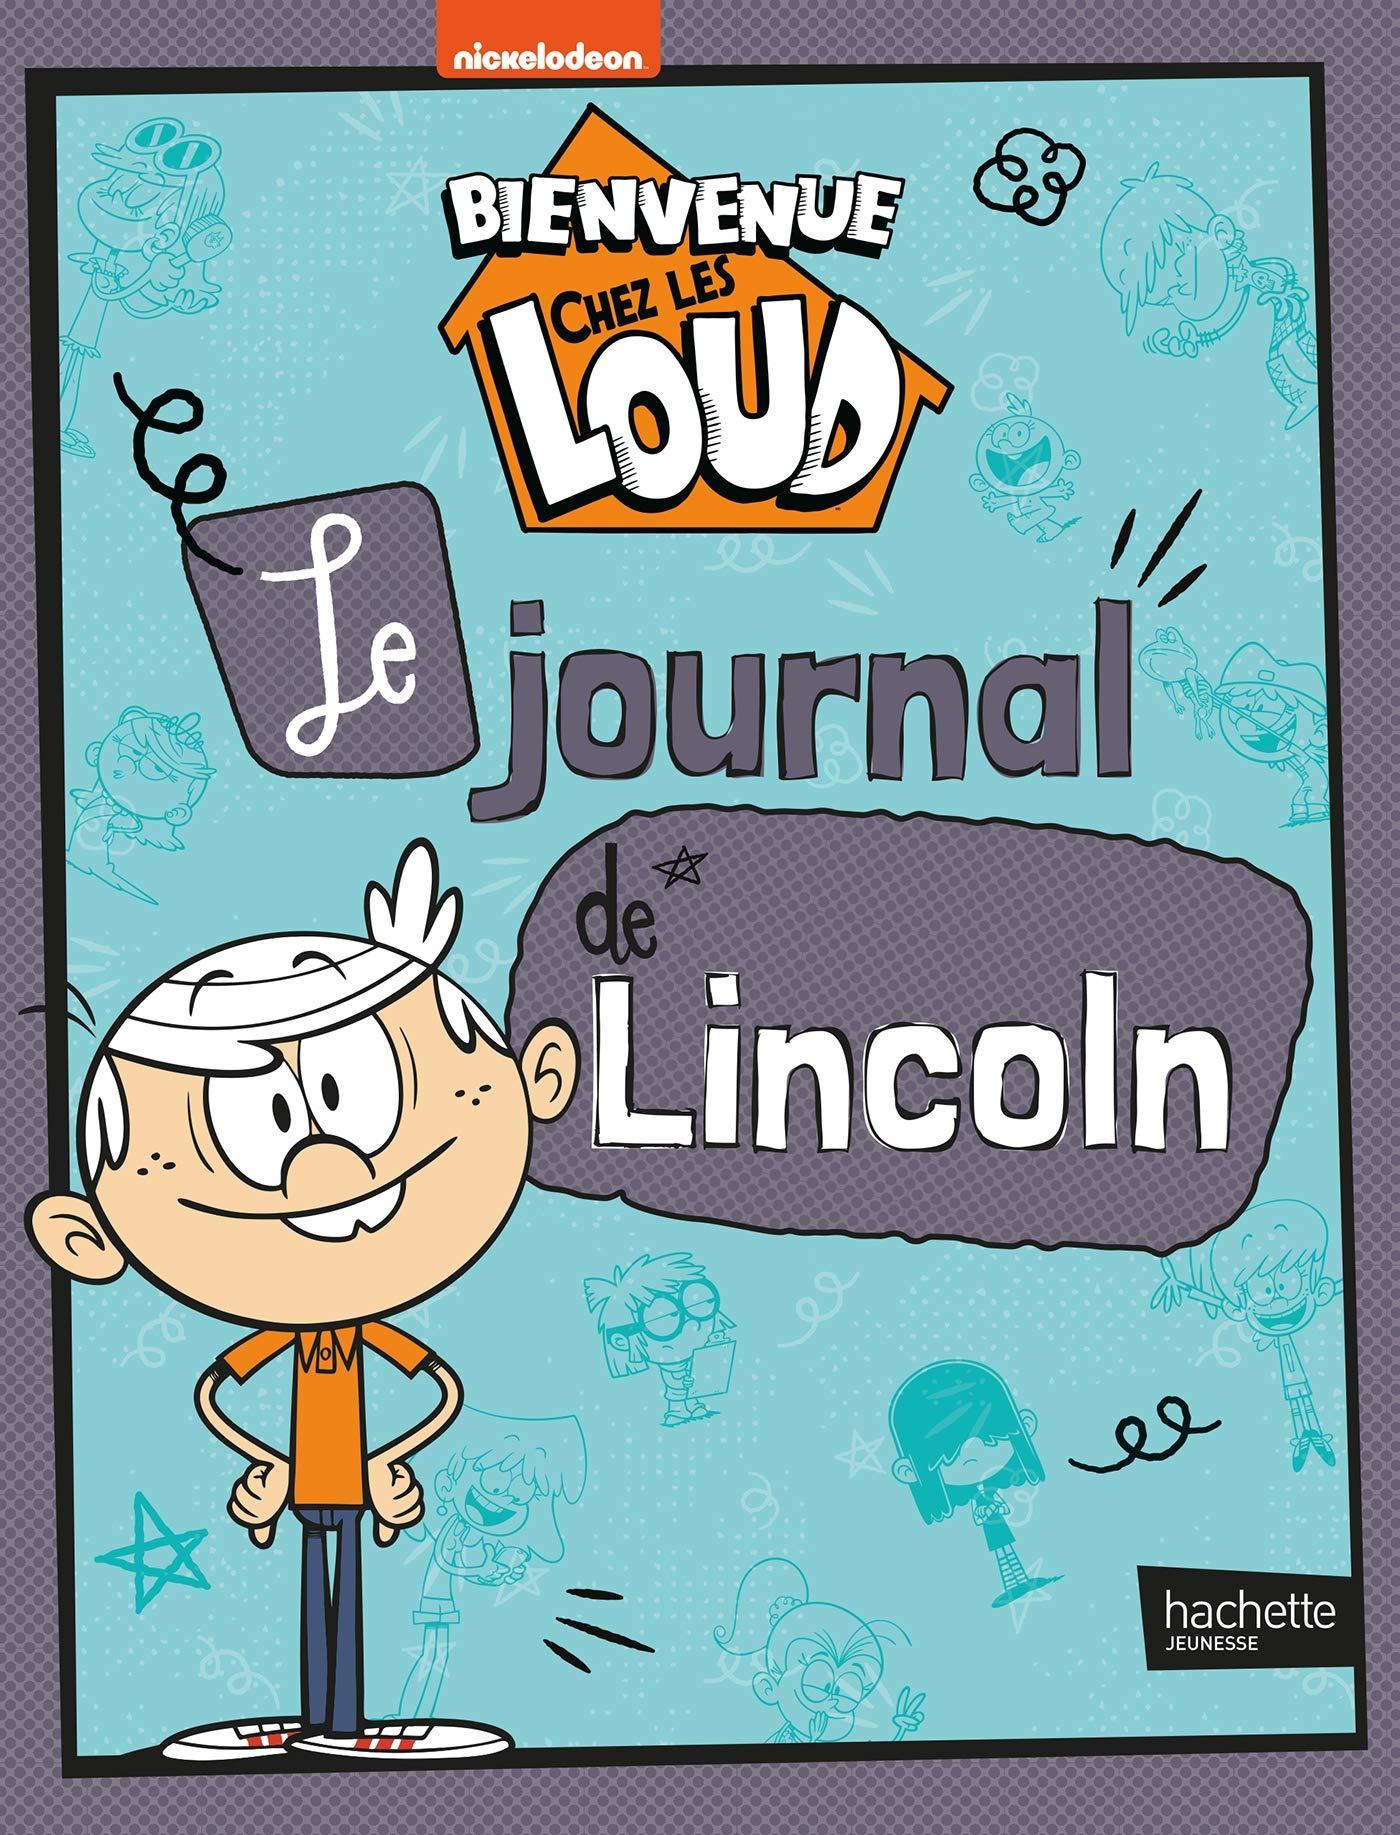 Bienvenue Chez Les Loud Le Journal De Lincoln